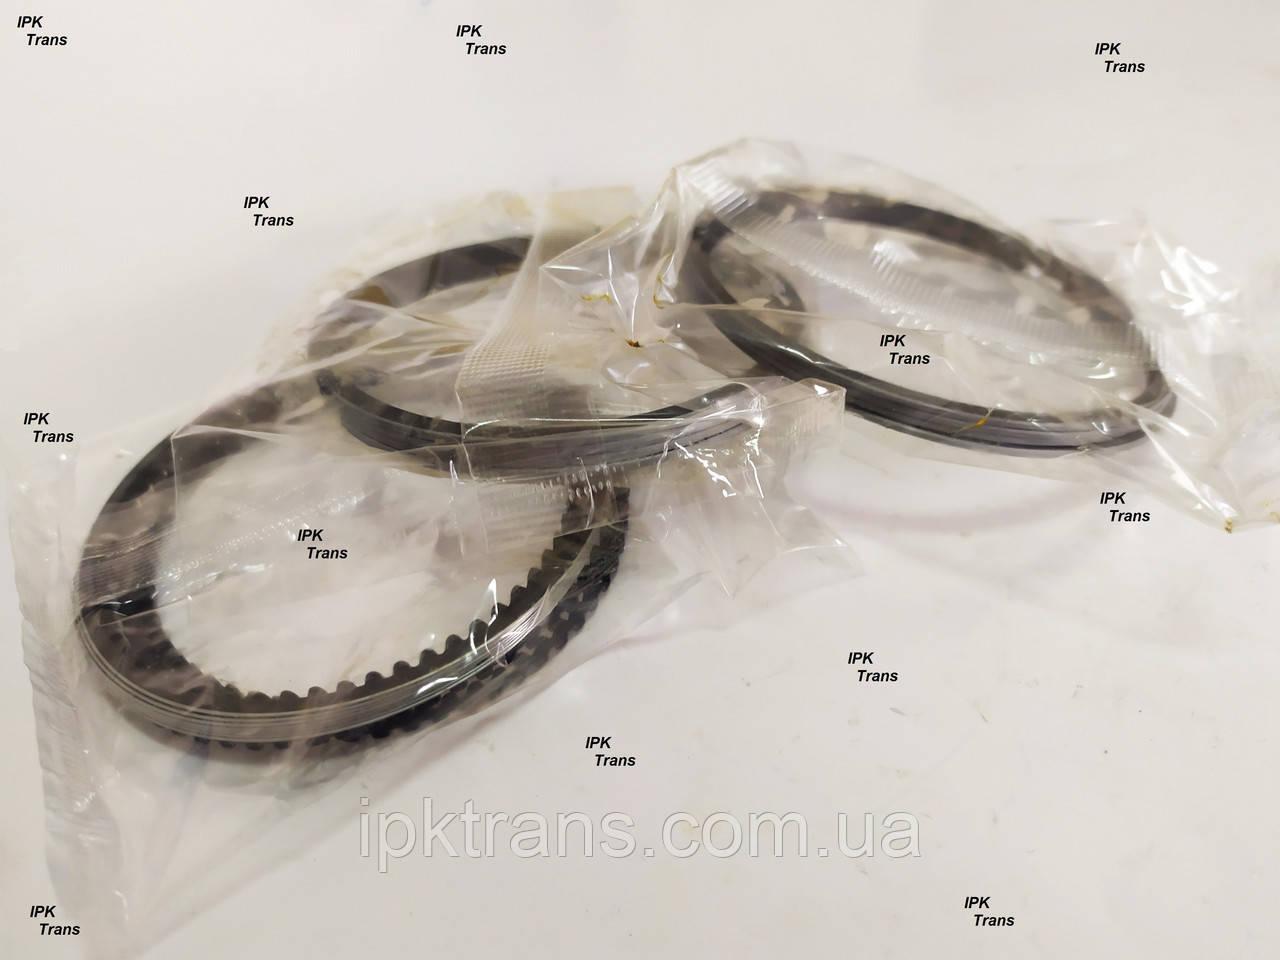 Кольца поршневые NISSAN K15 (+1,00) (342 грн с НДС) 12033FU310, 12033-FU310